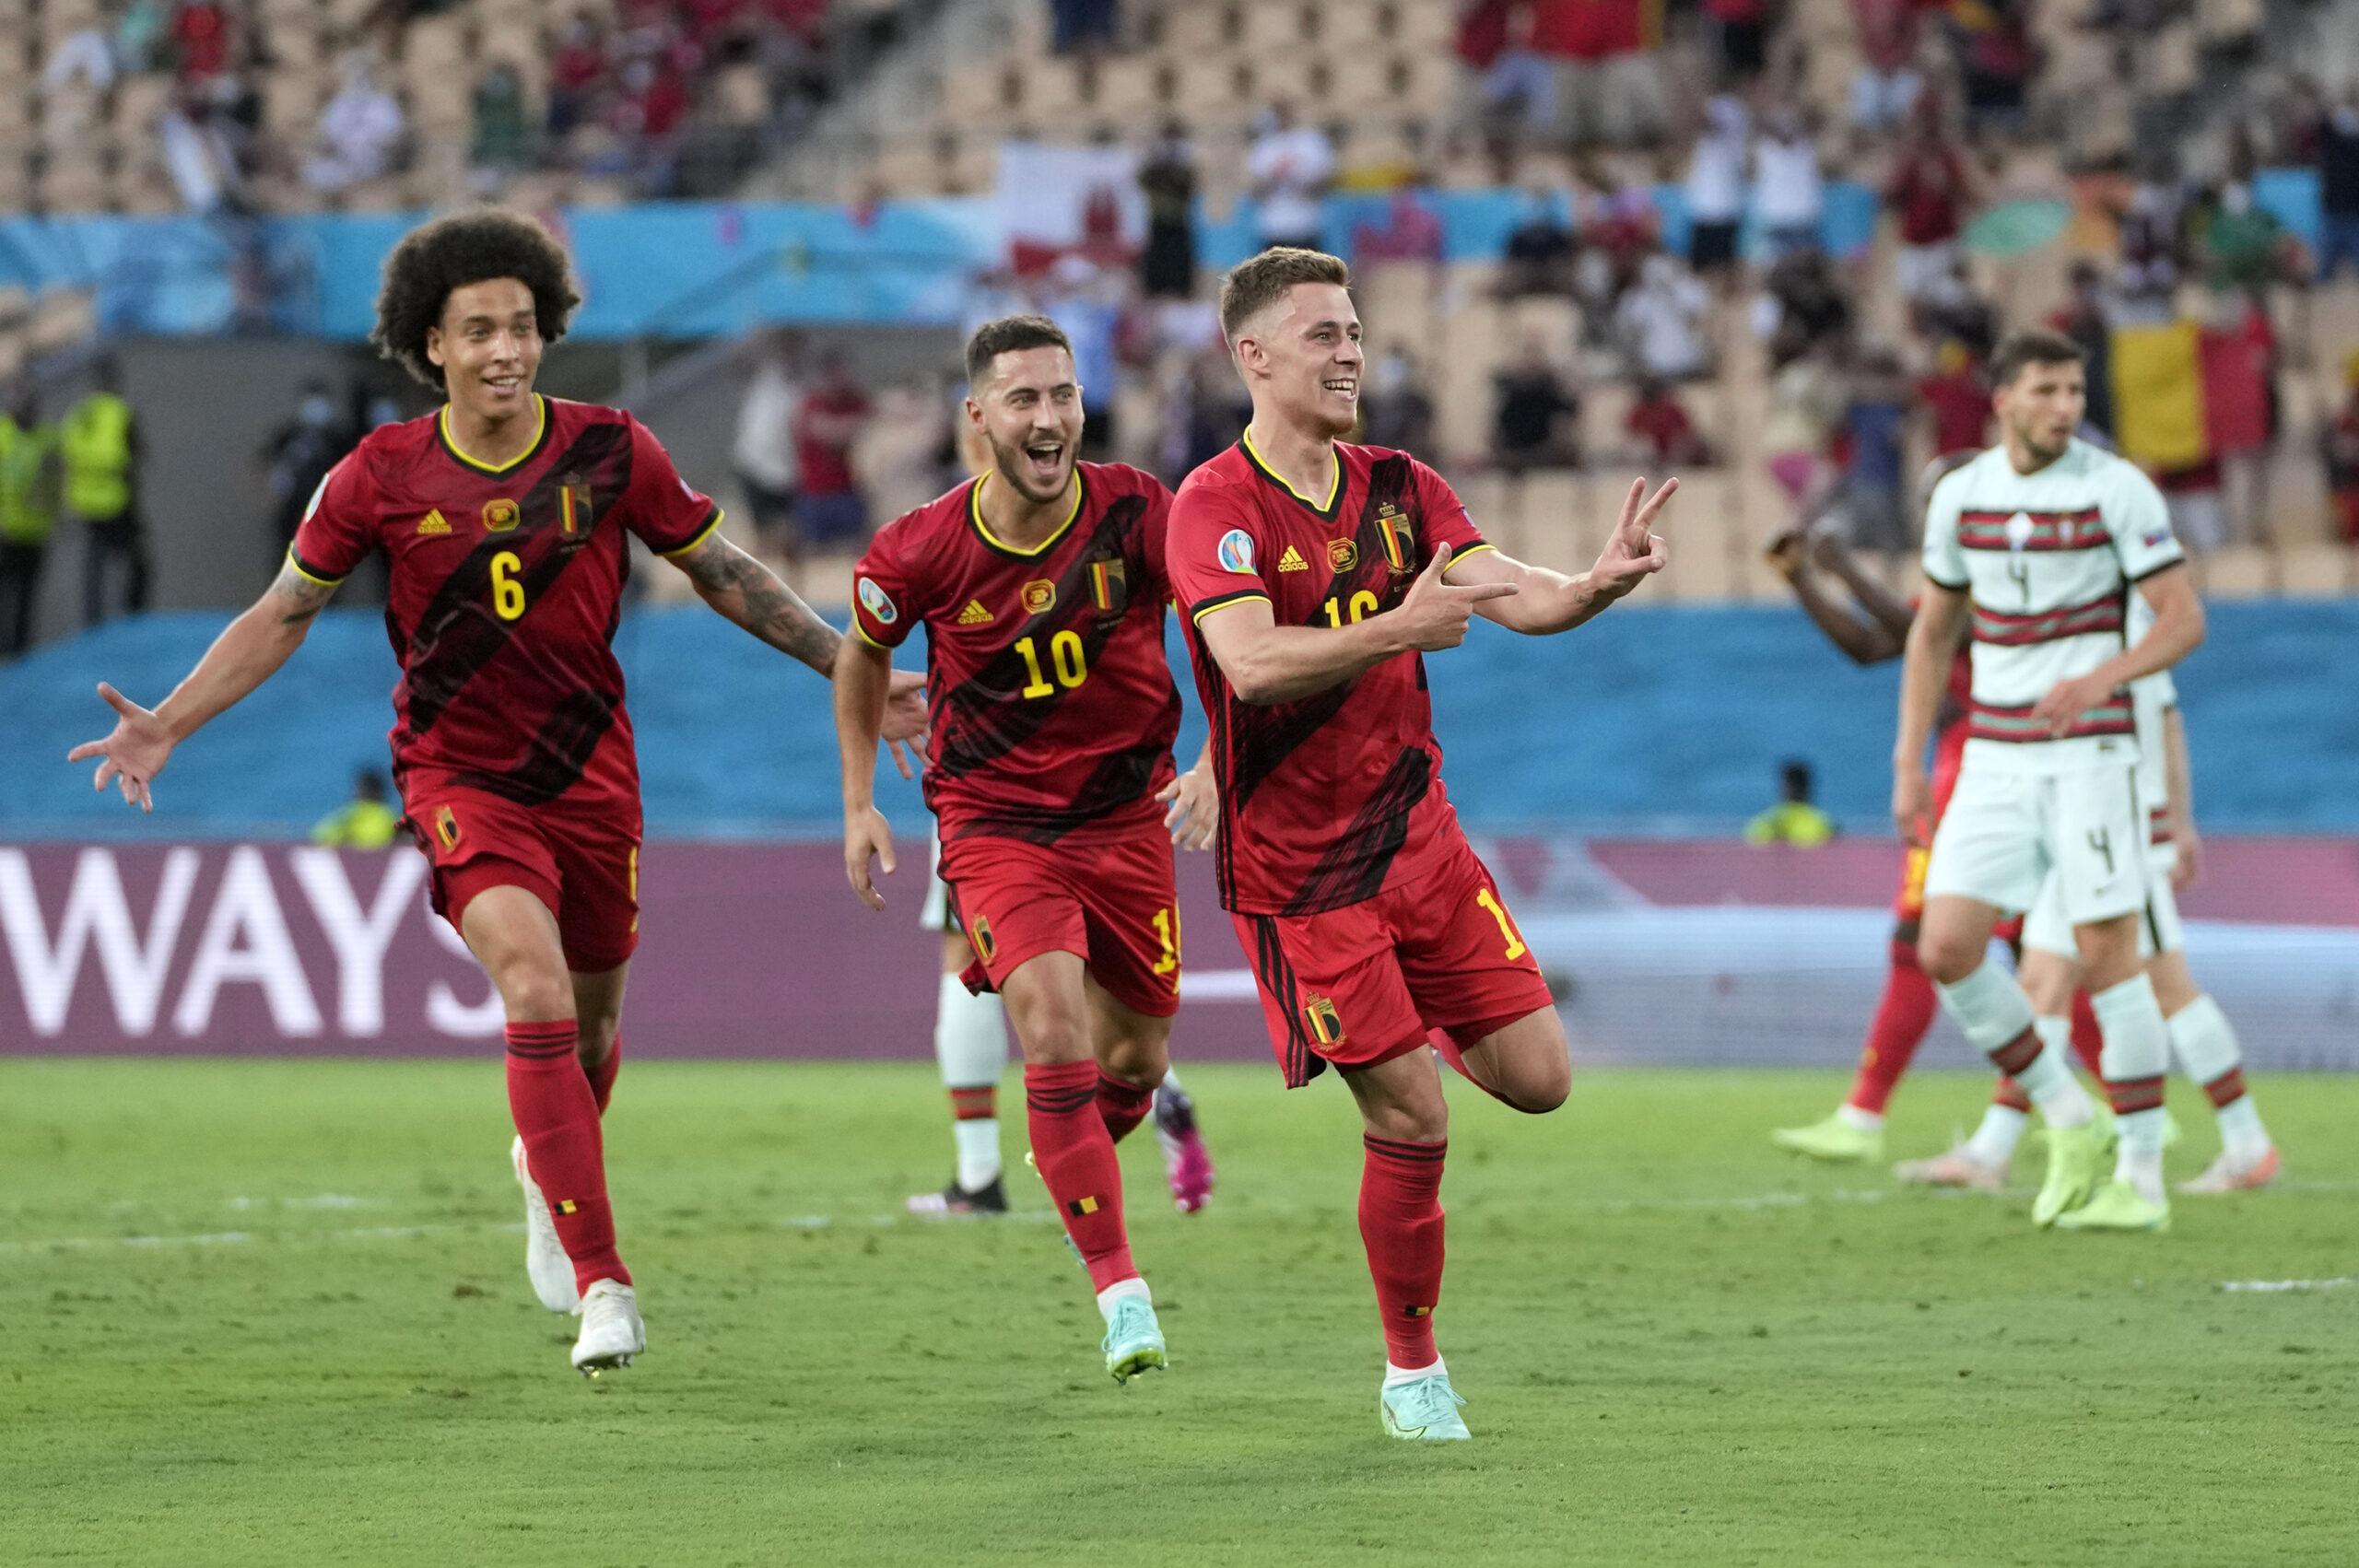 Bélgica passa por Portugal e está nas quartas de final da Eurocopa